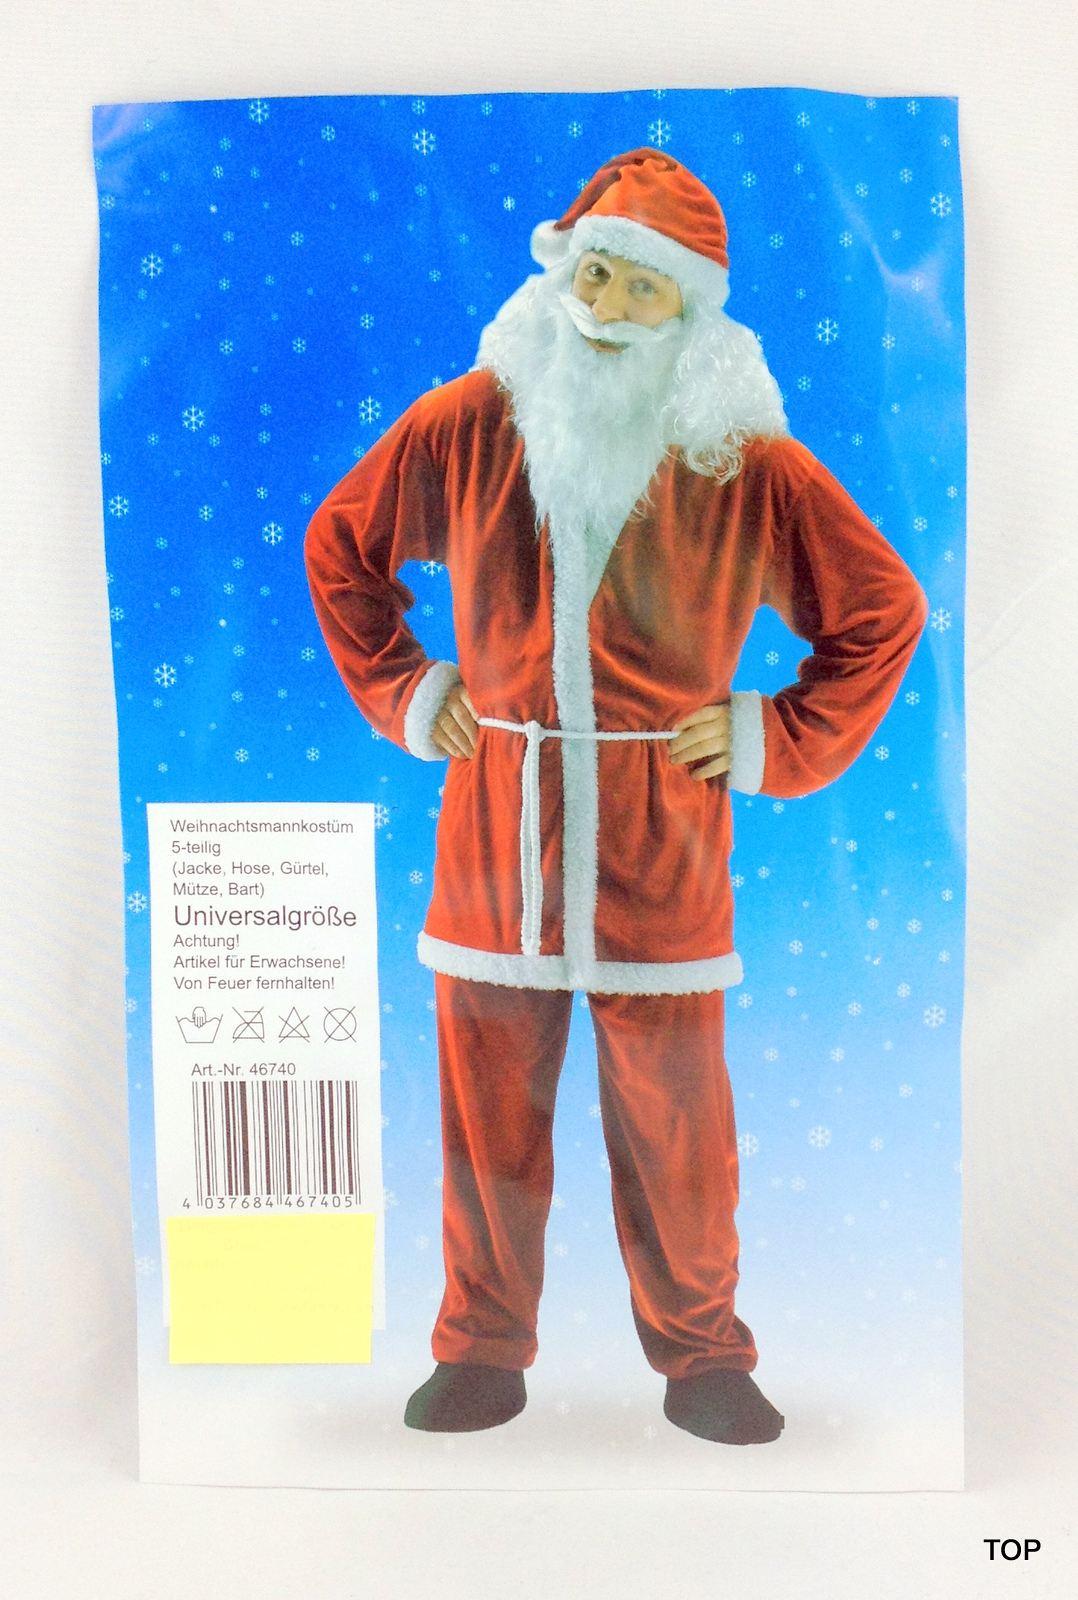 5 teiliges weihnachtsmann kost m samt mit bart und m tze jacke hose g rtel universalgr e. Black Bedroom Furniture Sets. Home Design Ideas